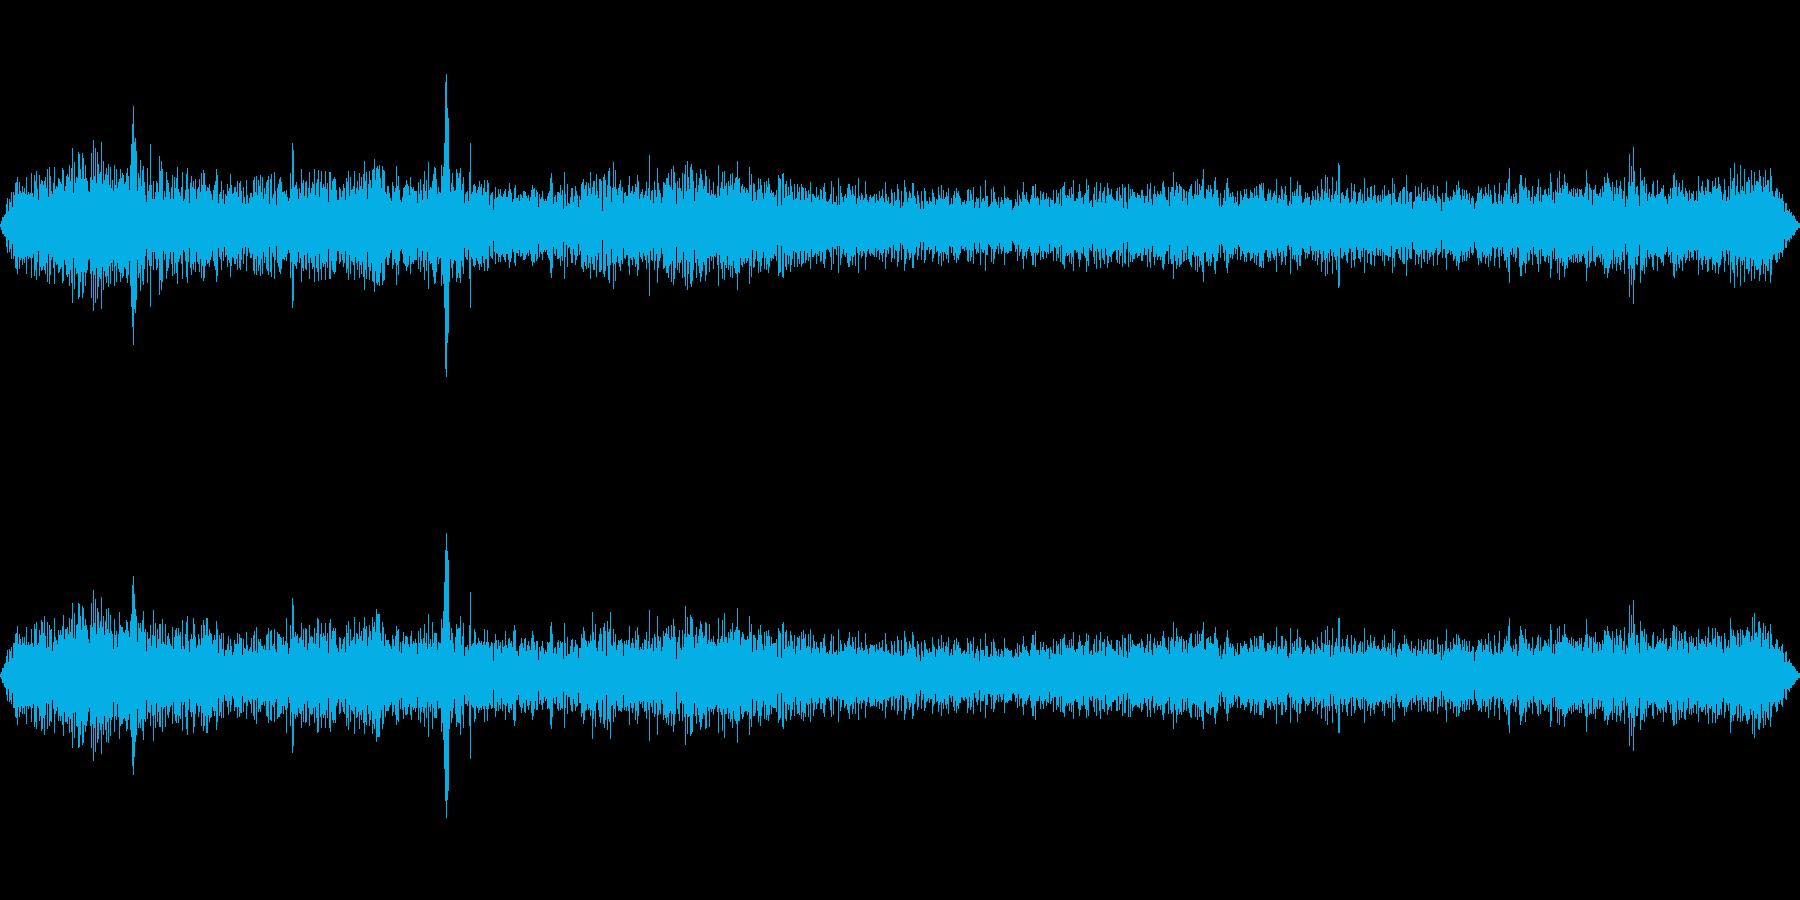 静かな住宅街(環境音)の再生済みの波形